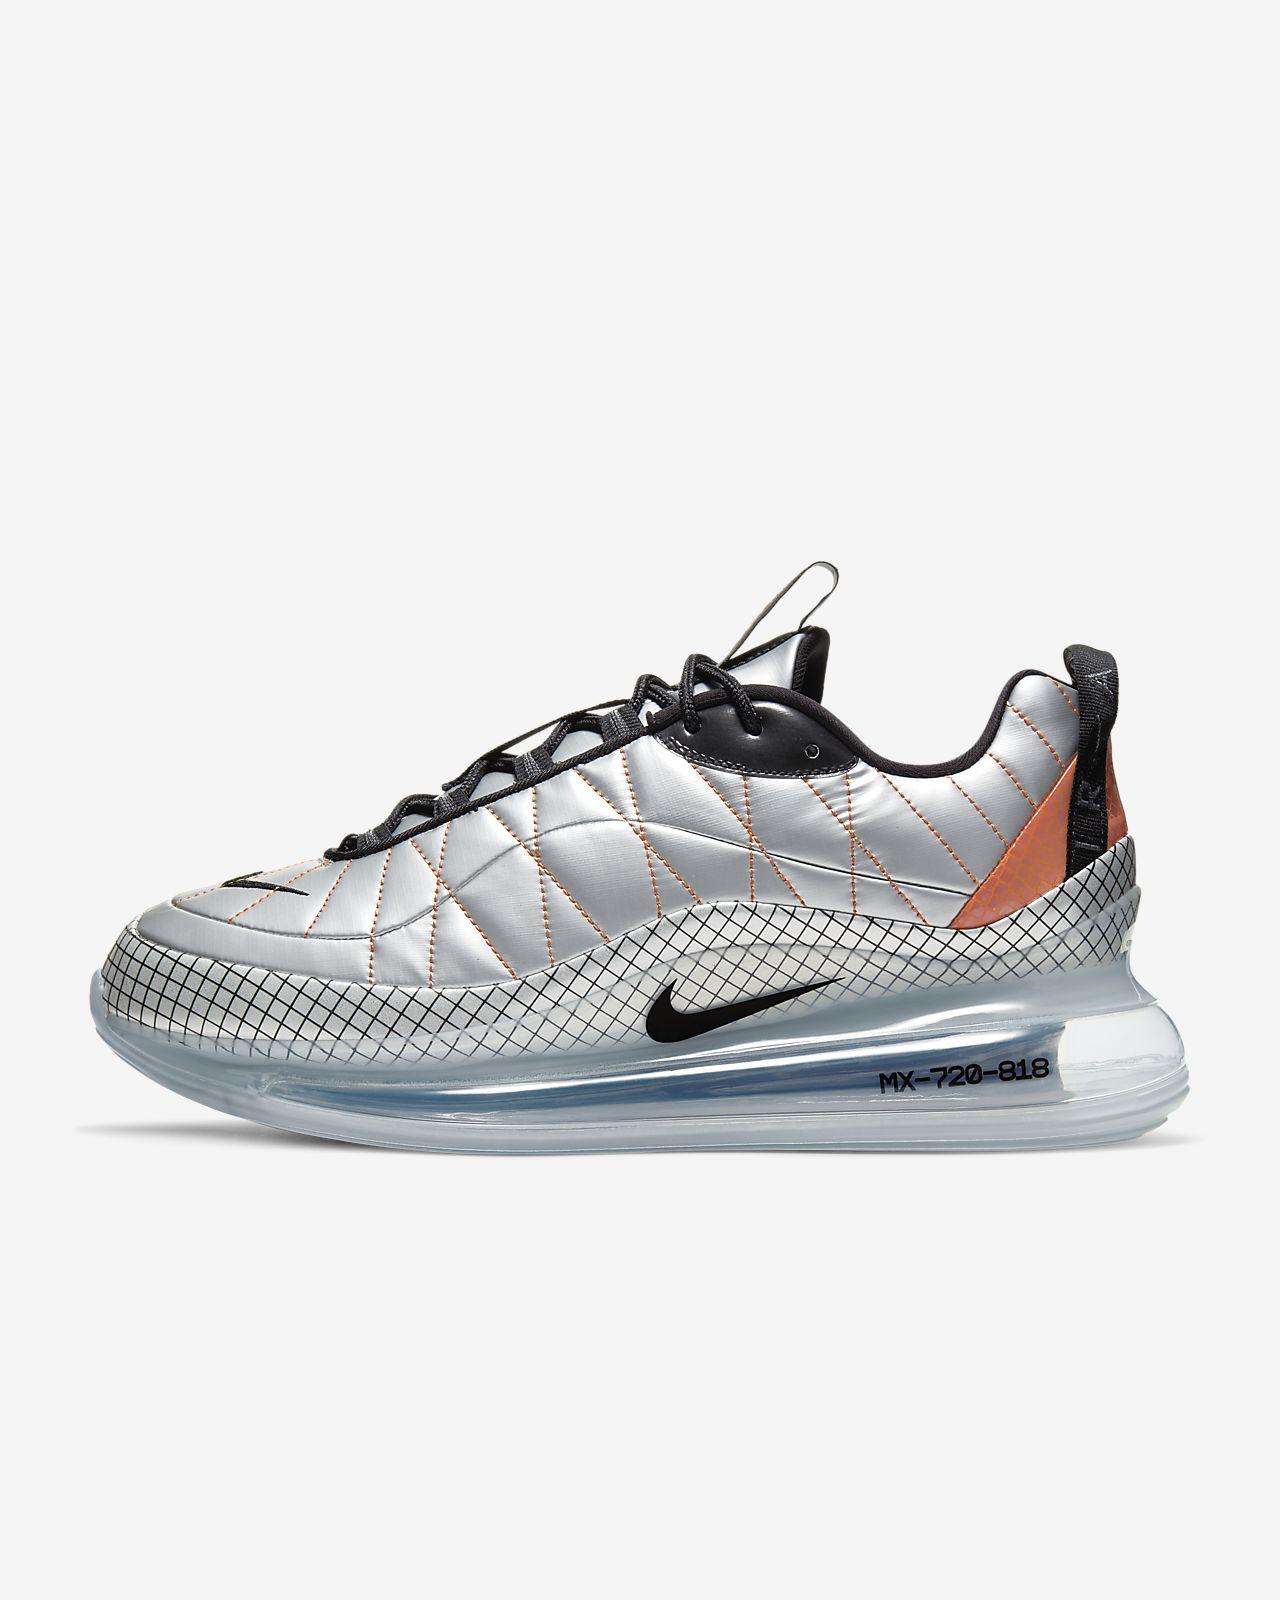 Nike MX 720 818 sko til mænd